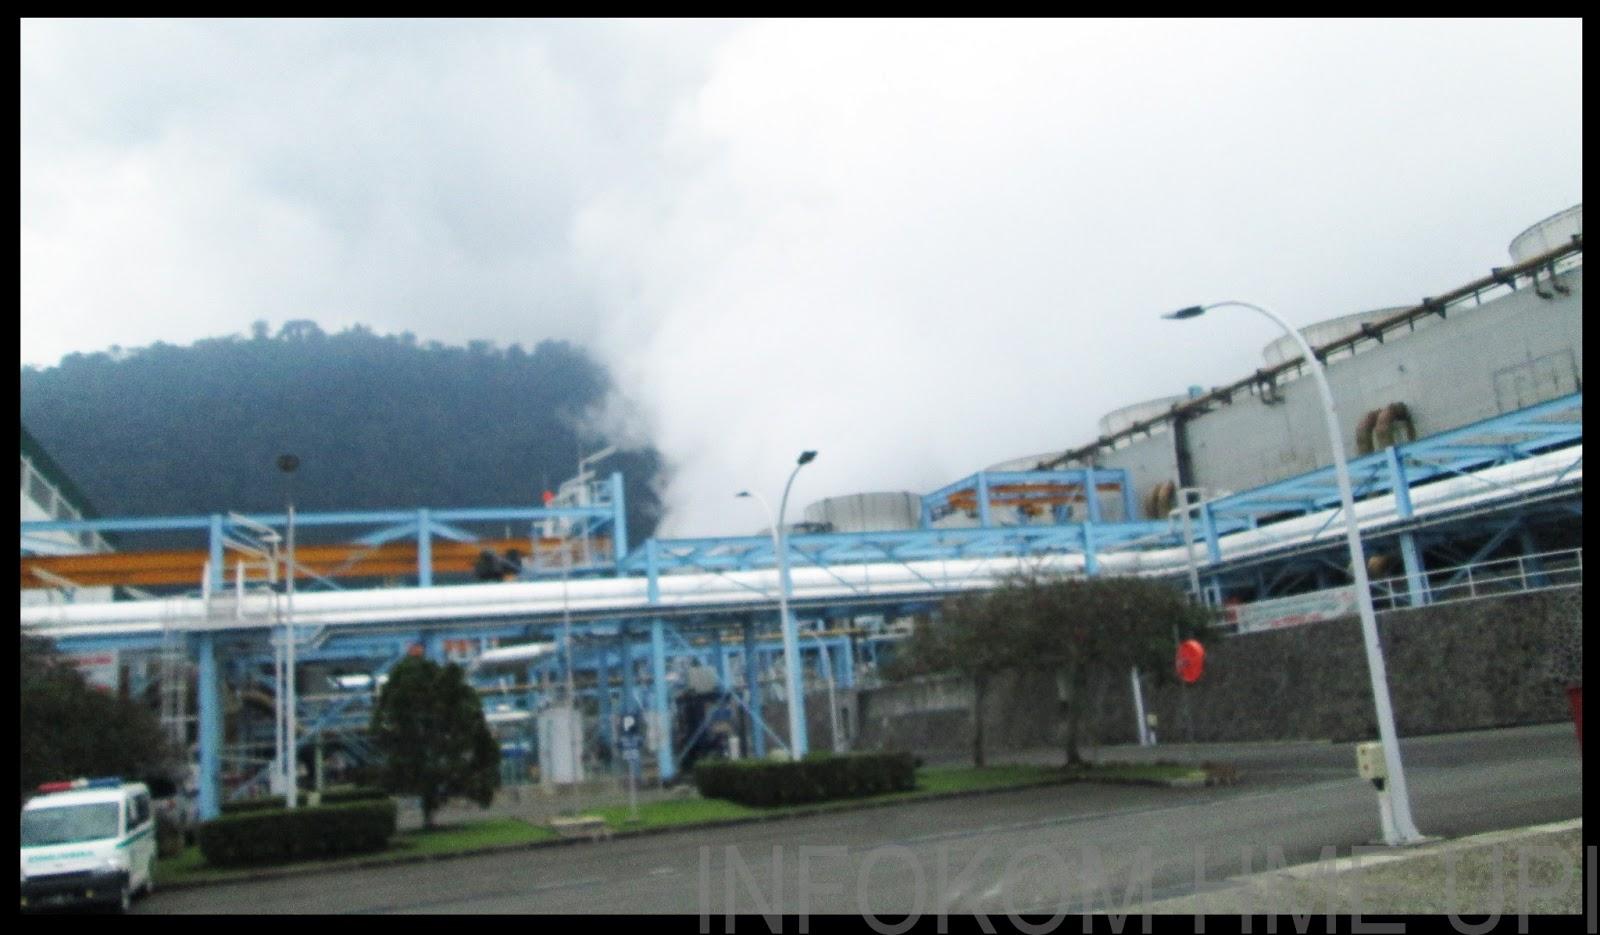 Mengeluarkan suara gemuruh, kondisi sumur pltp wayang windu milik pt.star energy geothermal di wilayah desa margamukti,. Observasi Warga Elektro UPI di PLTP Wayang Windu II ~ HME